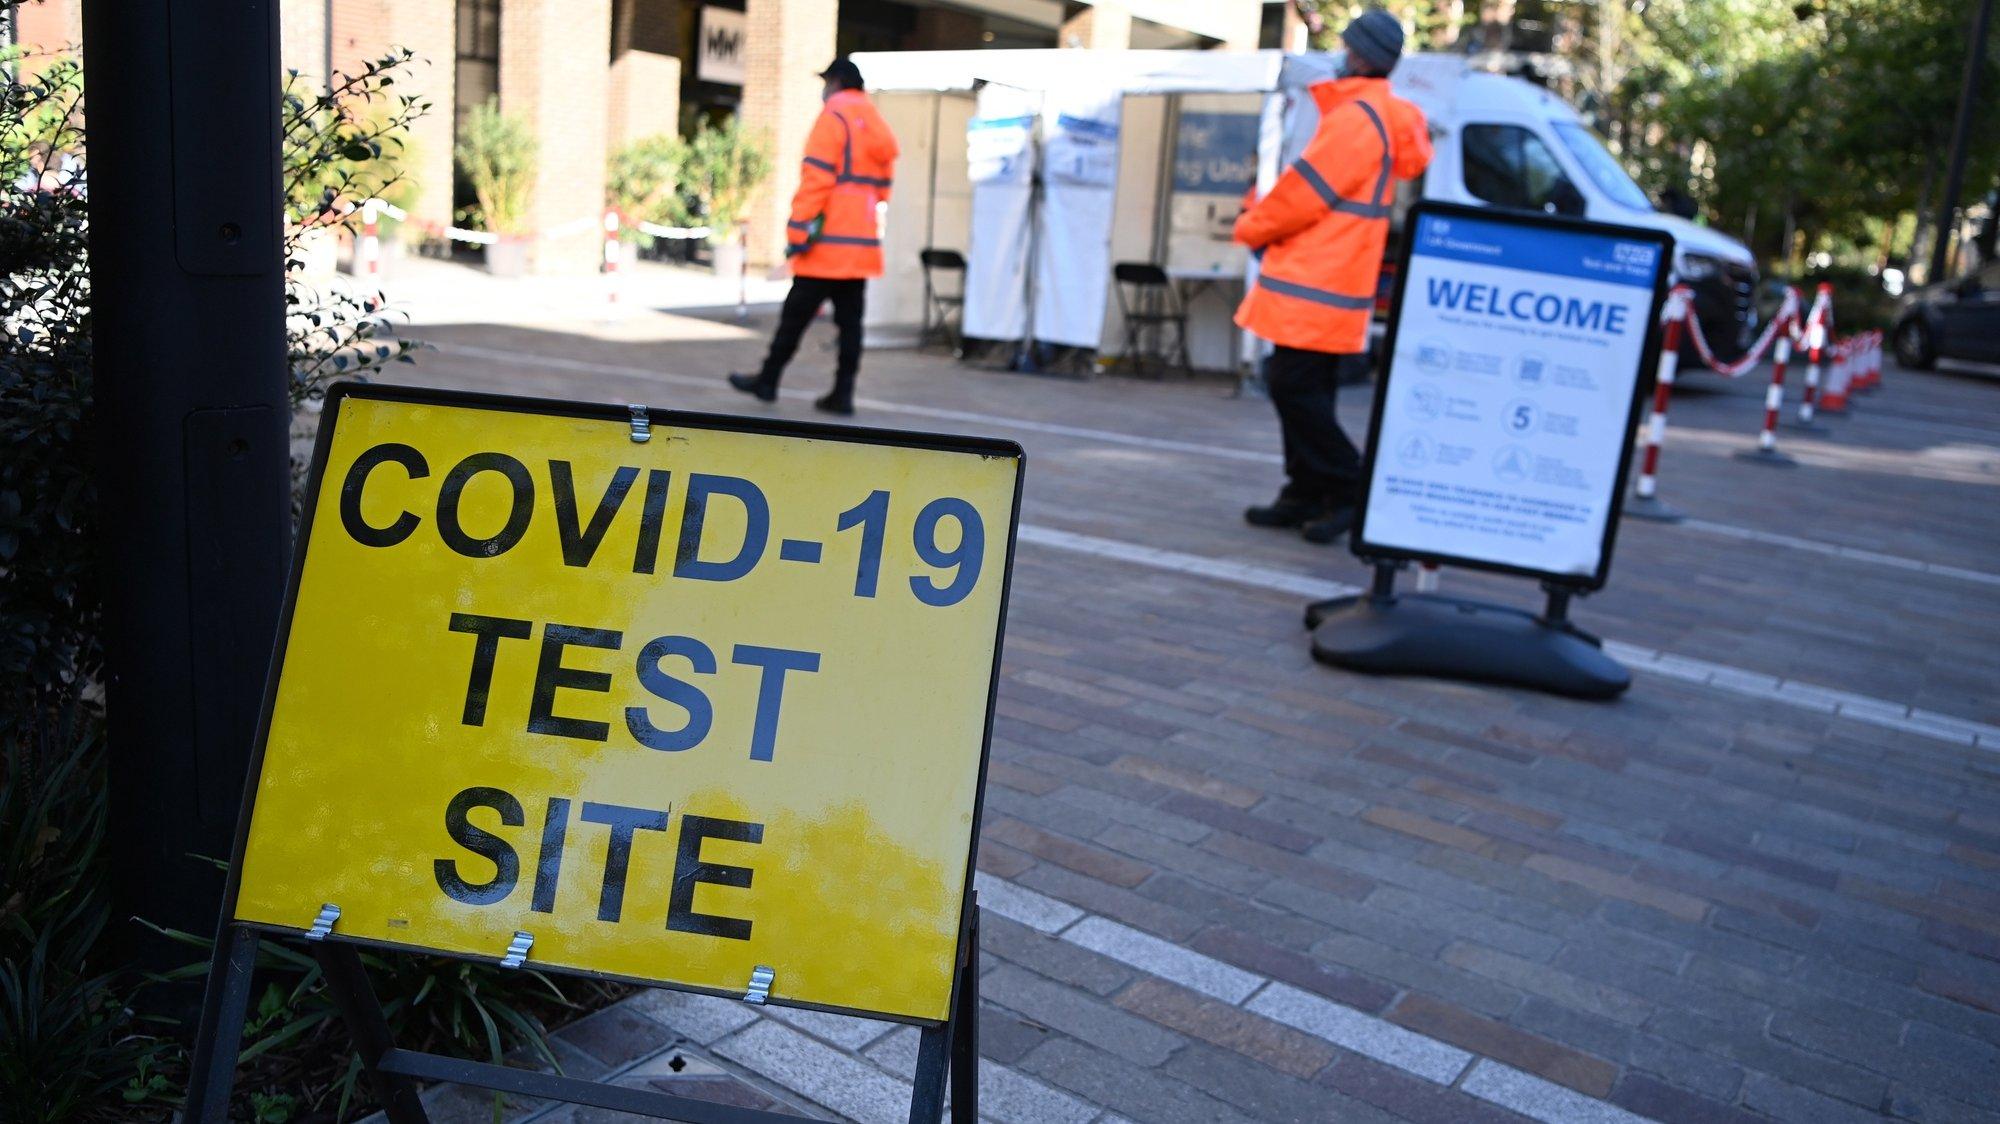 Centro de testes PCR à Covid-19 em Londres, Reino Unido.